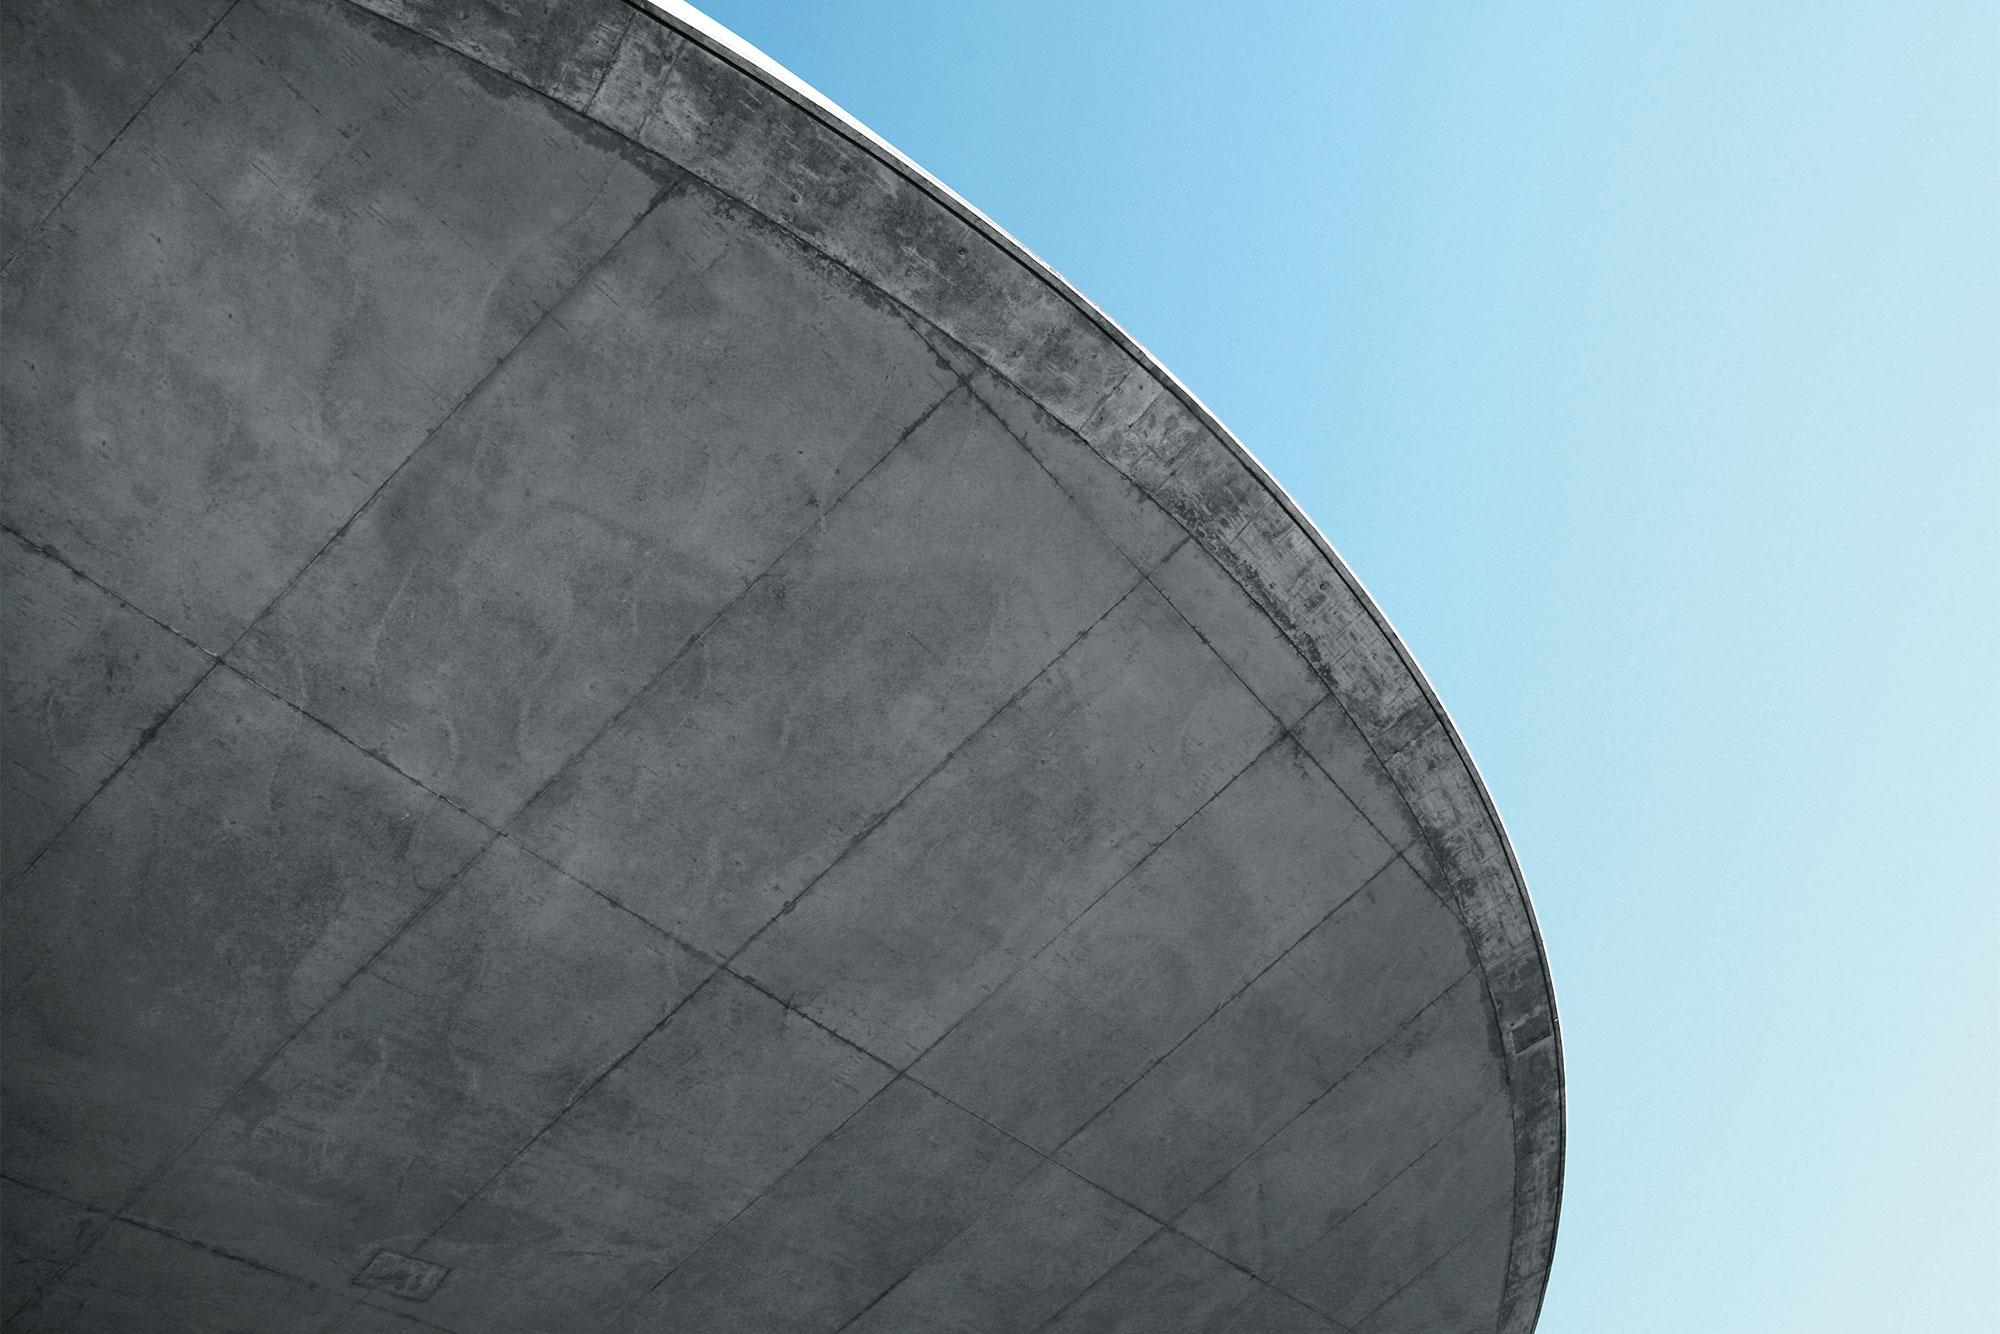 U.F.O. Loftbuilding, Frankfurt am Main (architect: Dietz Joppien Architekten)